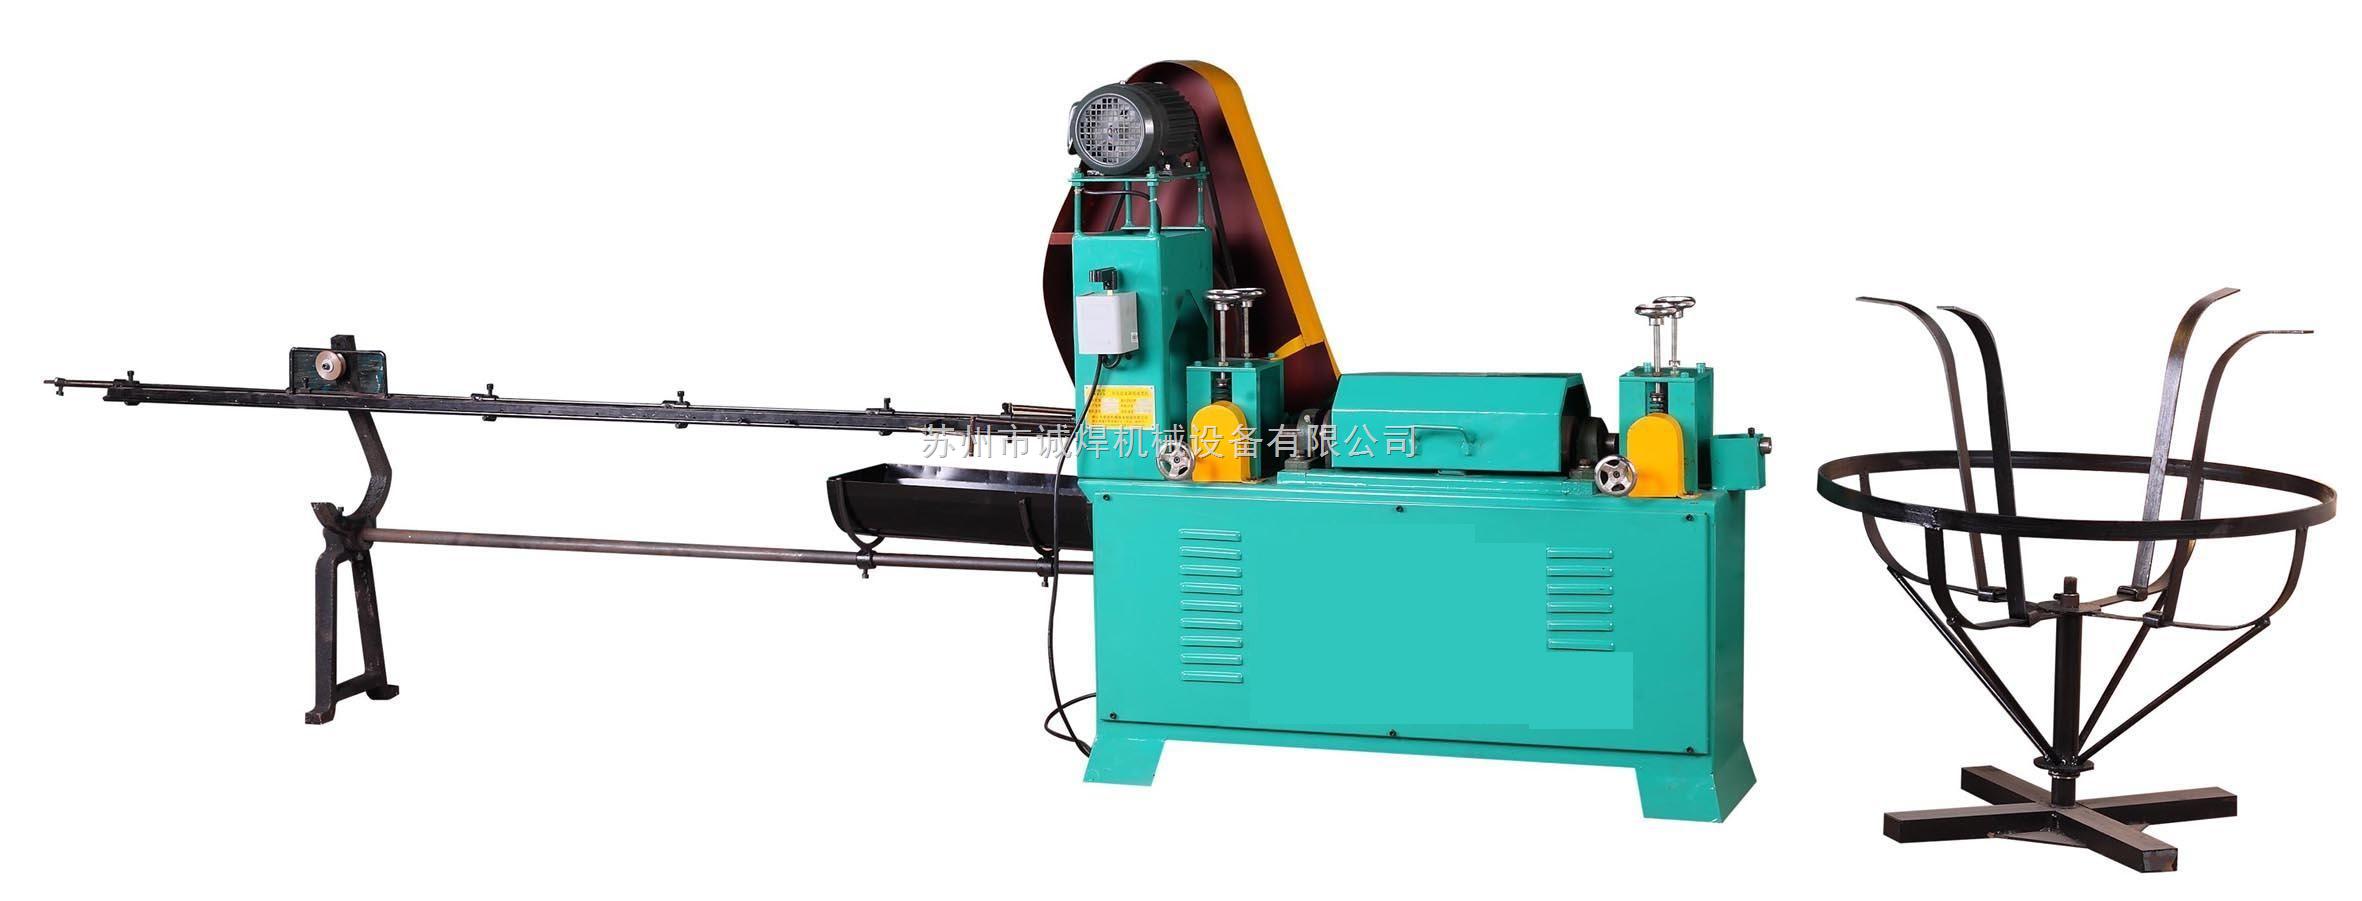 苏州市诚焊机械数控调直机